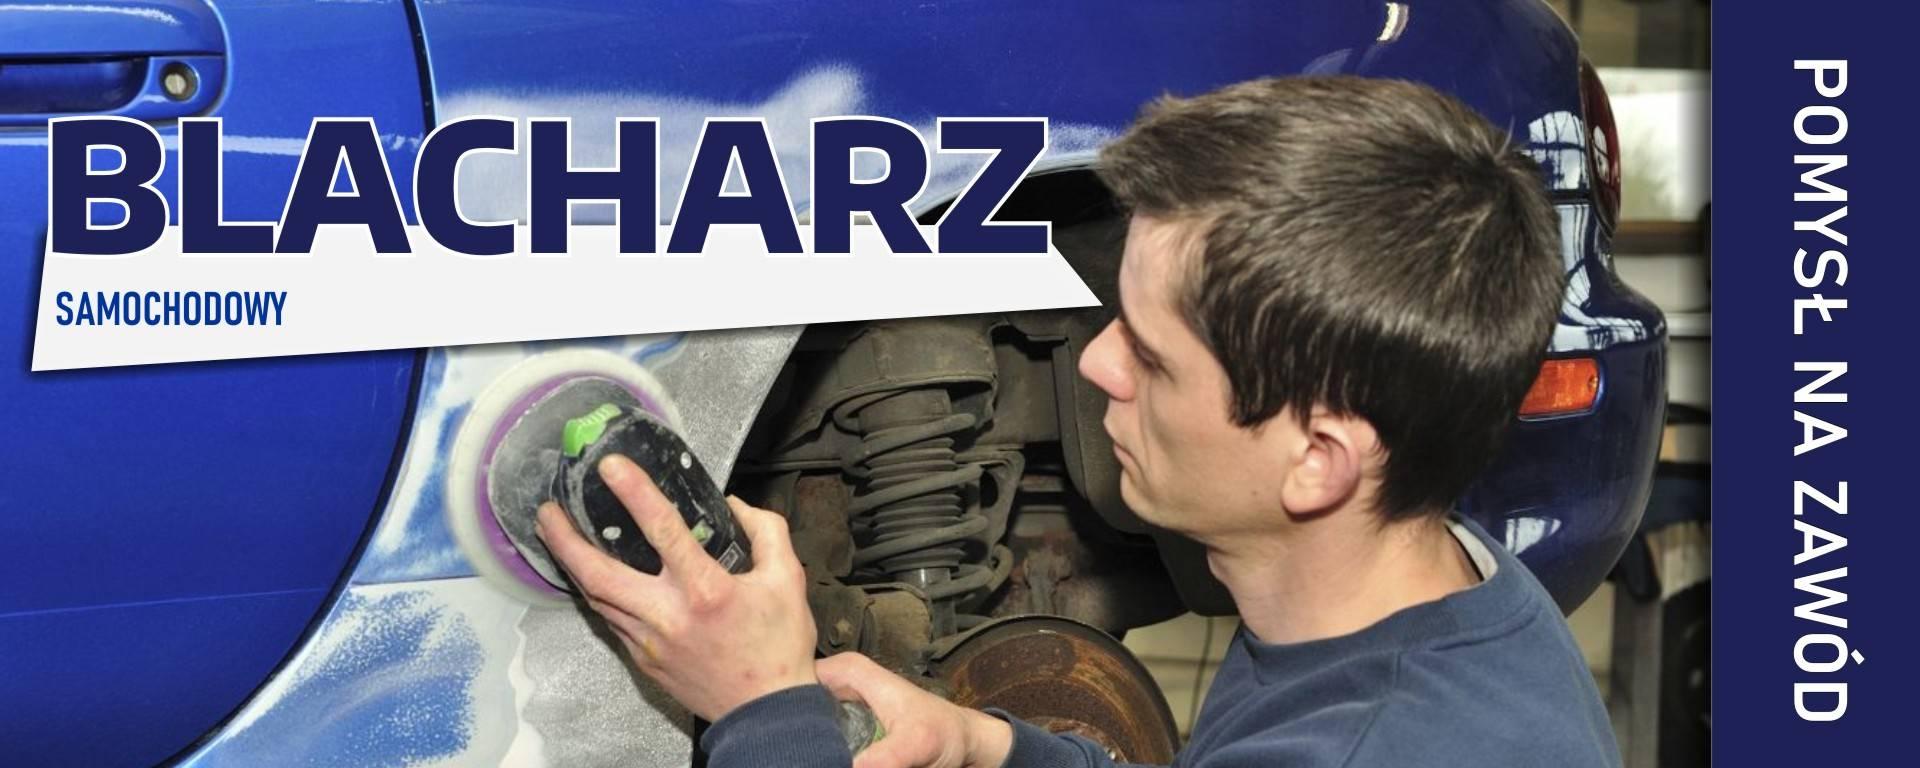 Zdjęcie przedstawiające blacharza samochodowego